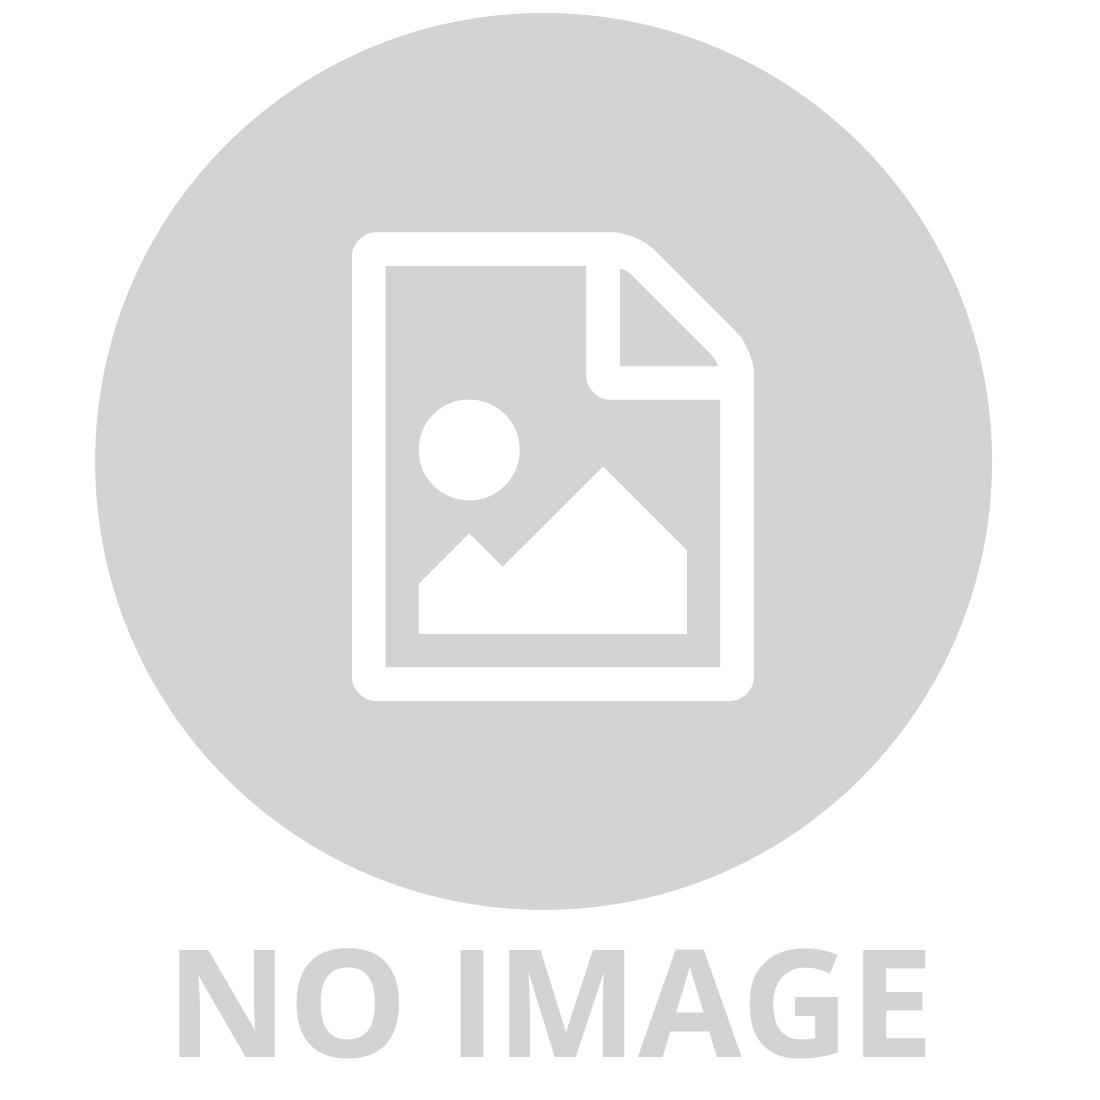 LEGO NINJAGO 70640 S.O.G. HEADQUARTERS